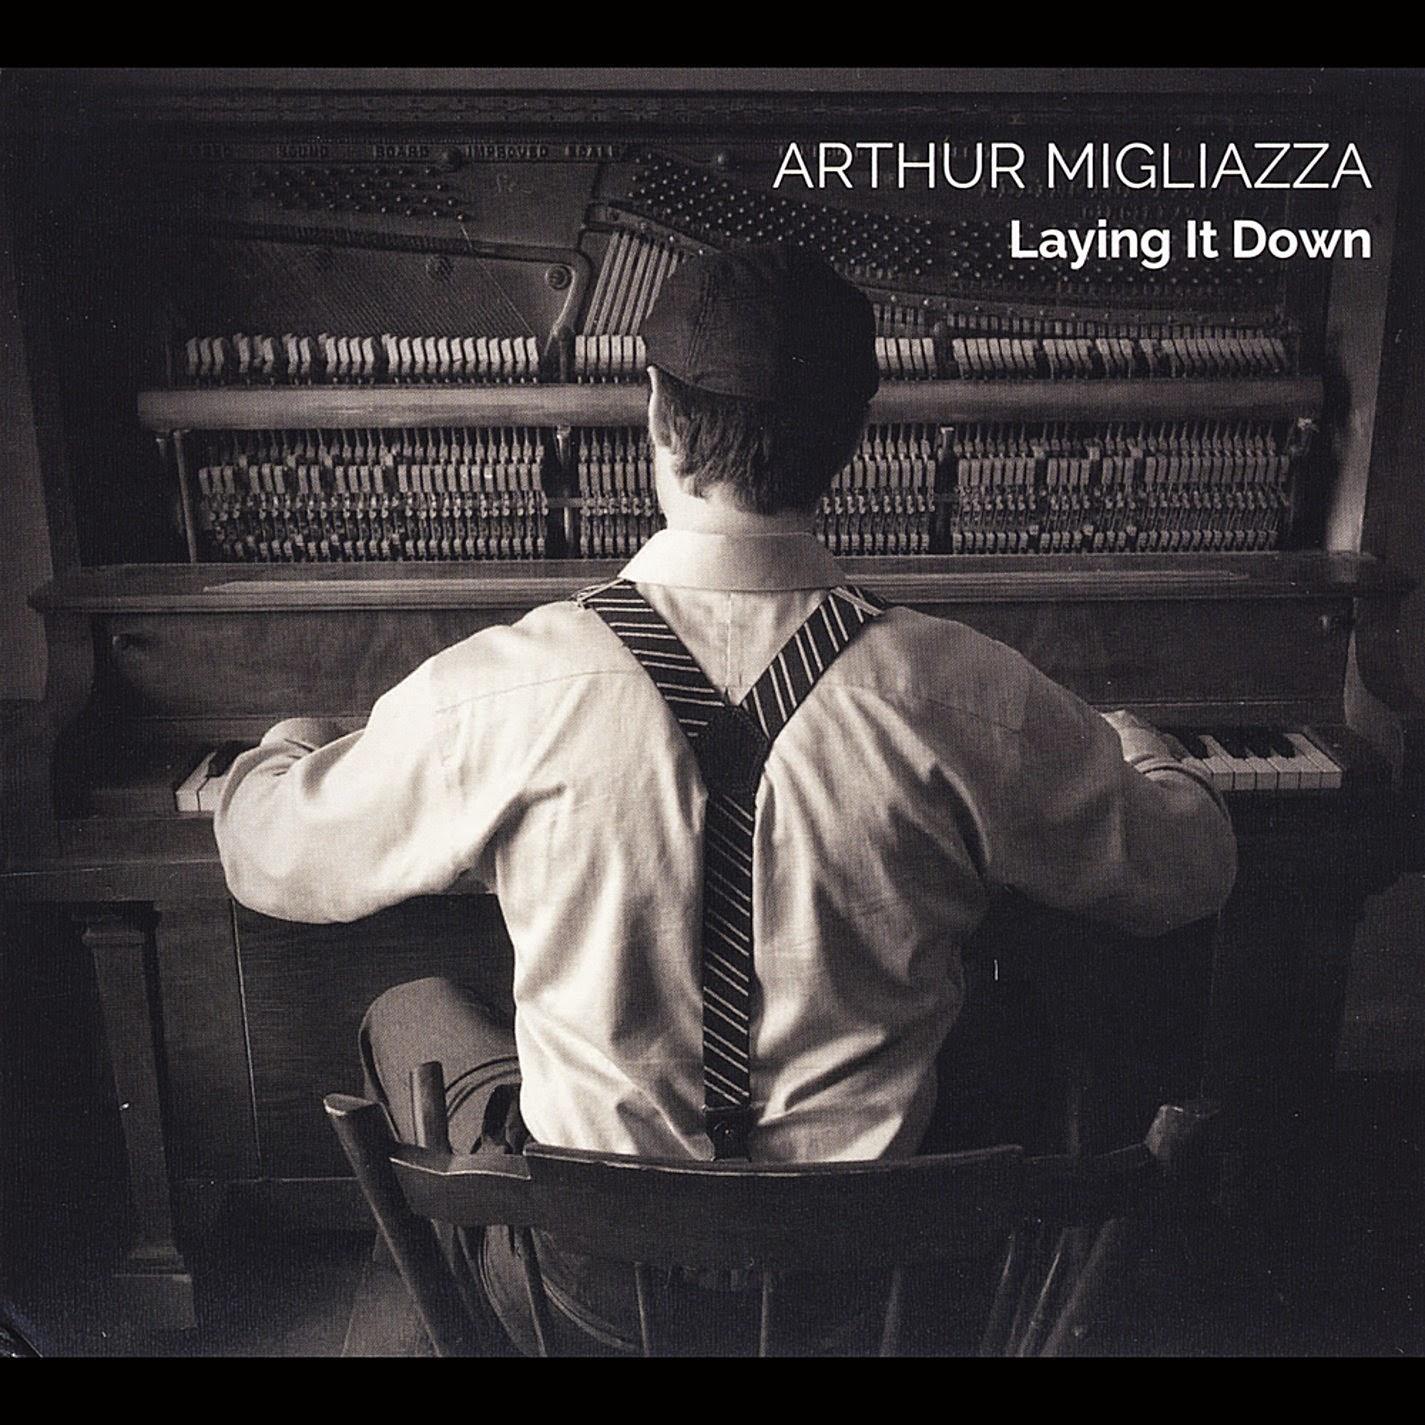 ArthurMigliazza2014.jpg